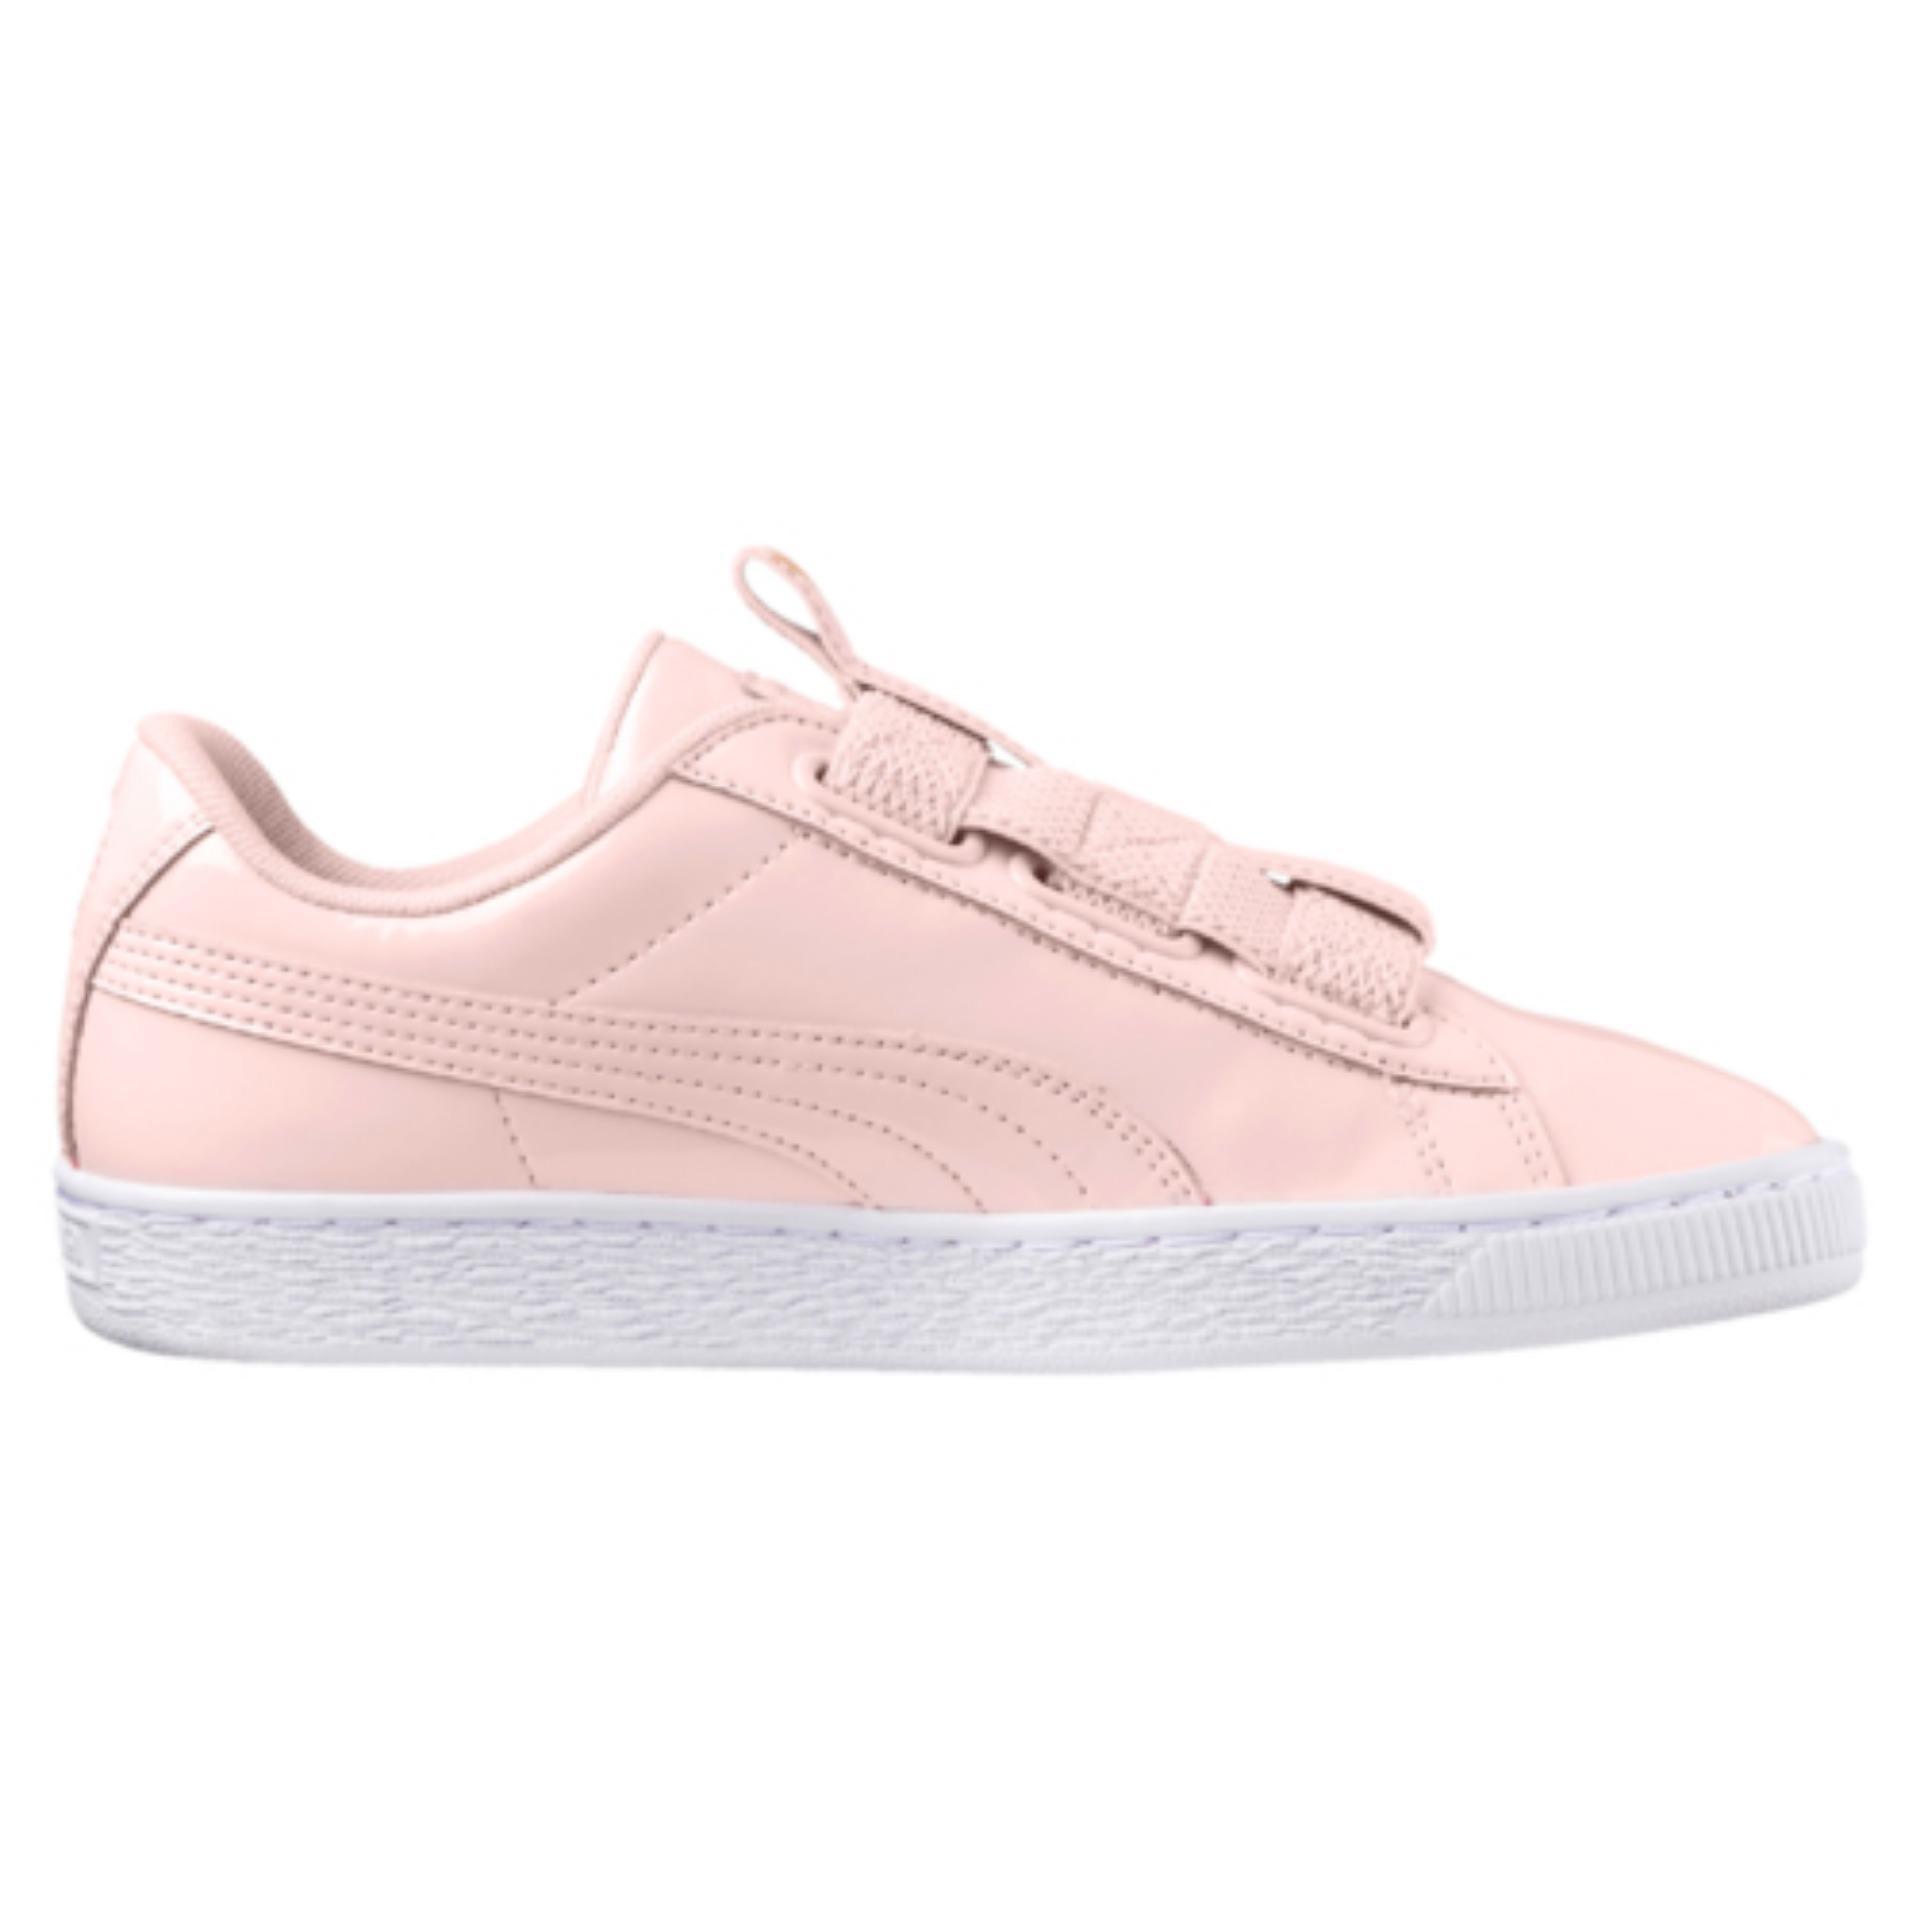 48e00c688e0efa Puma Sneakers Men Size 13 Black price in Singapore